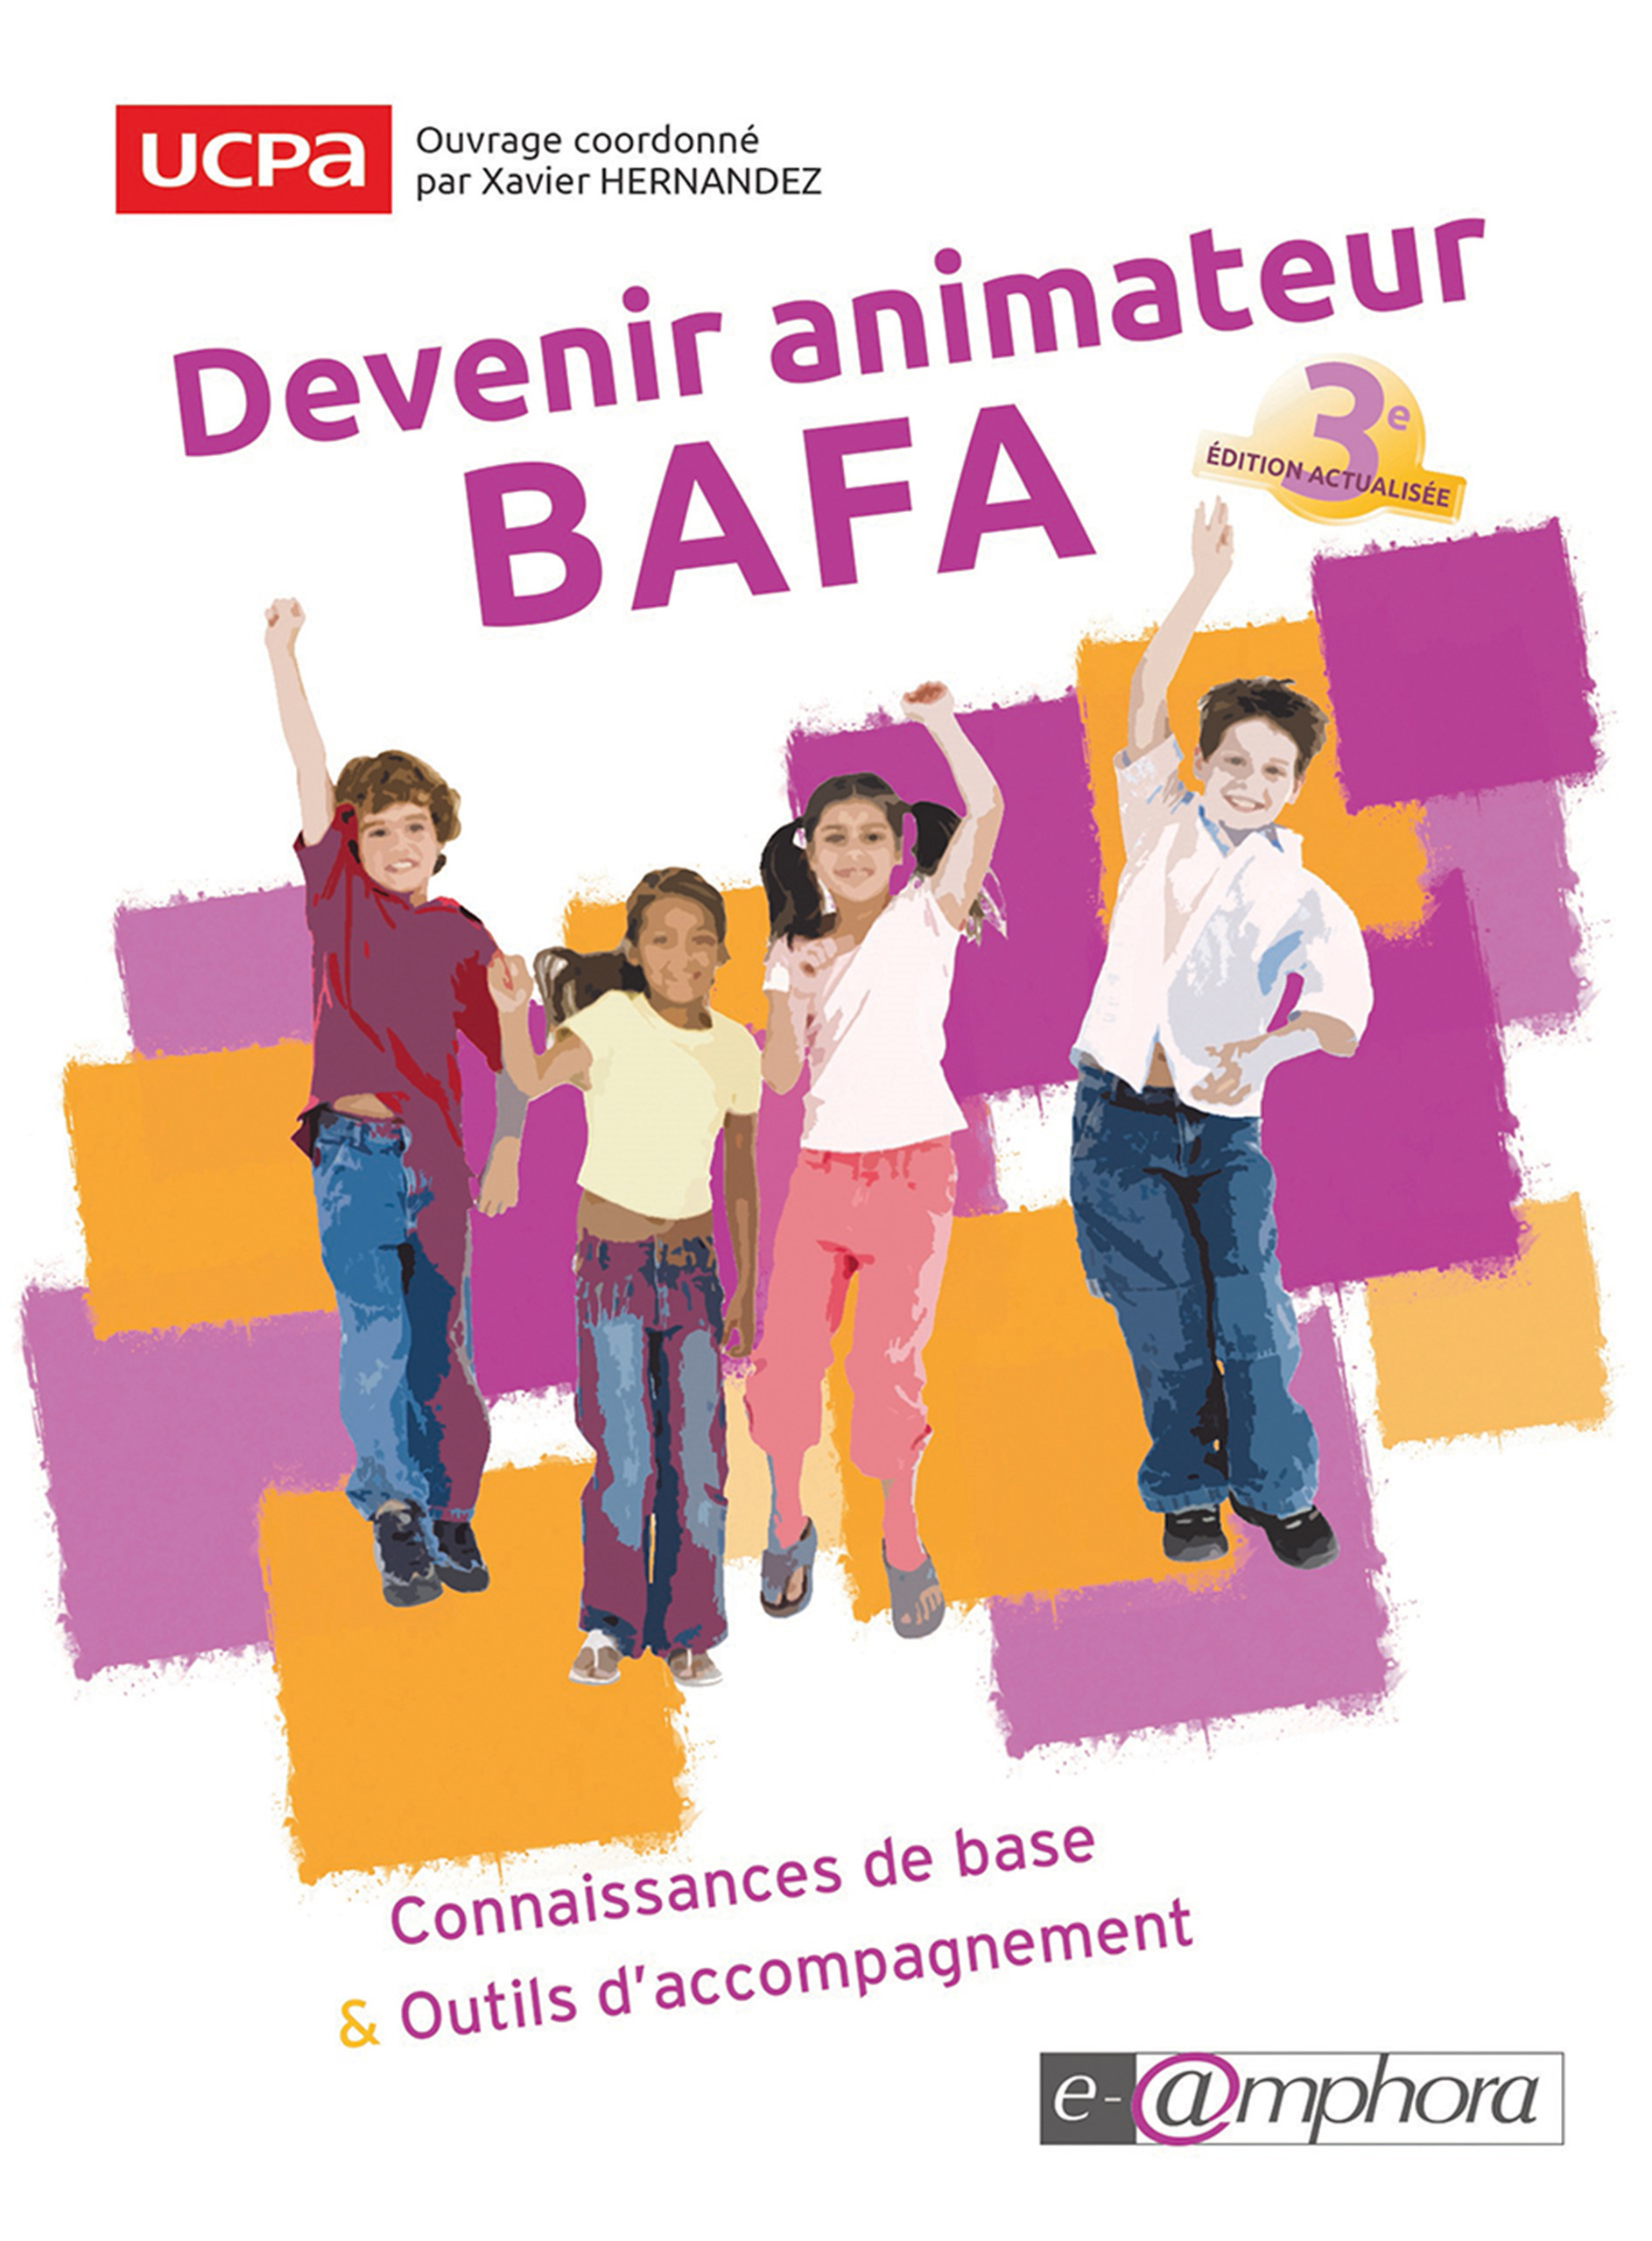 Devenir animateur BAFA ; connaissances de base et outils d'accompagnement